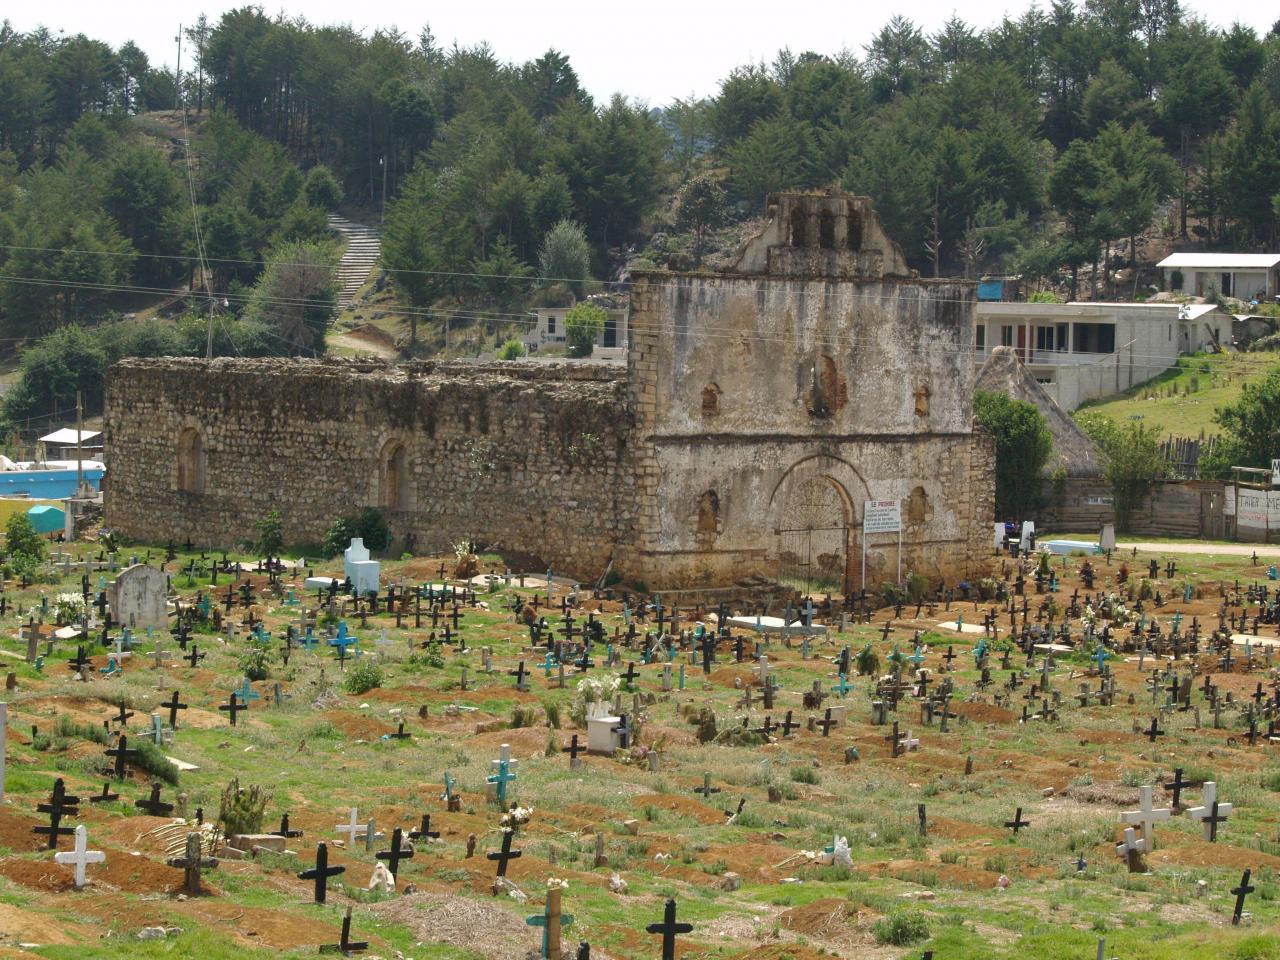 Eglise dévastée par la foudre et cimetière Indien.